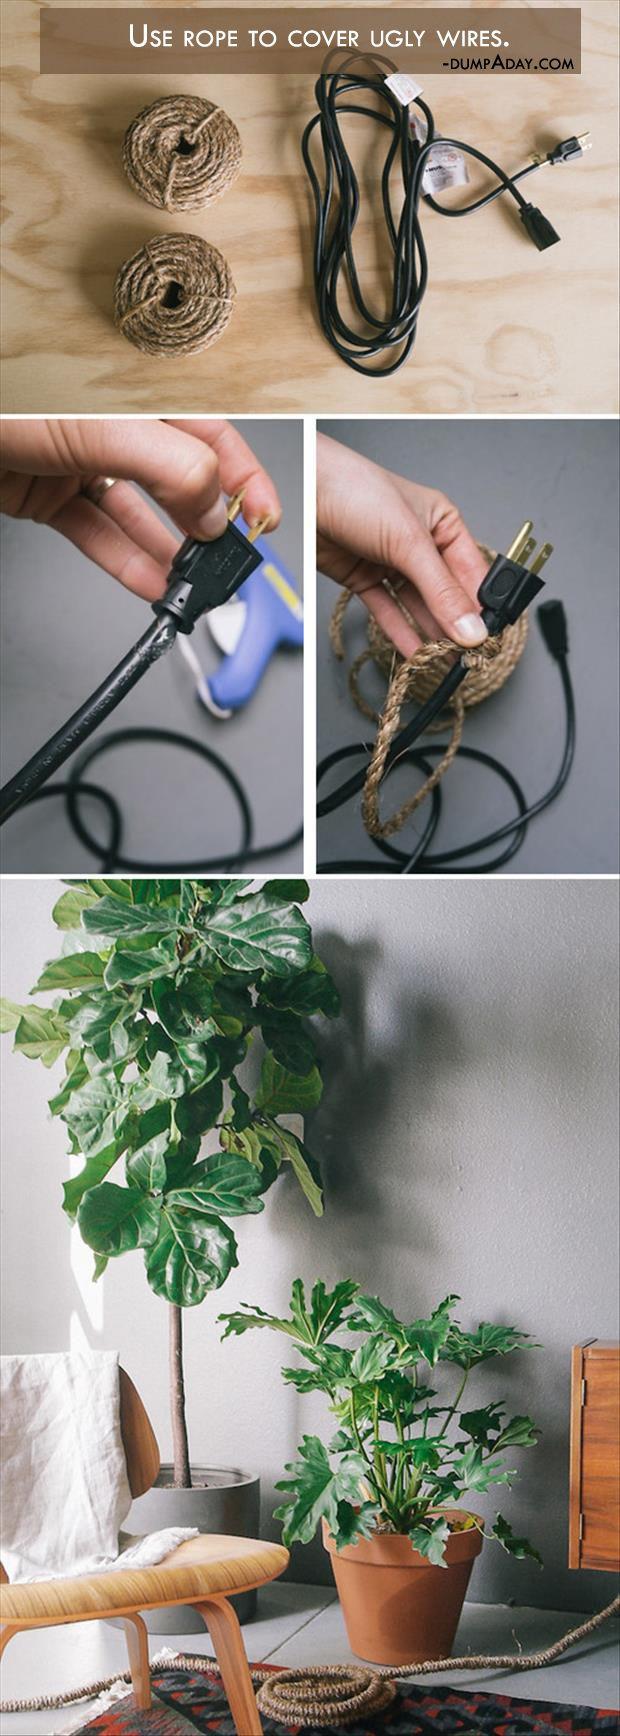 Offen liegende Verlängerungen oder Kabel verstecken